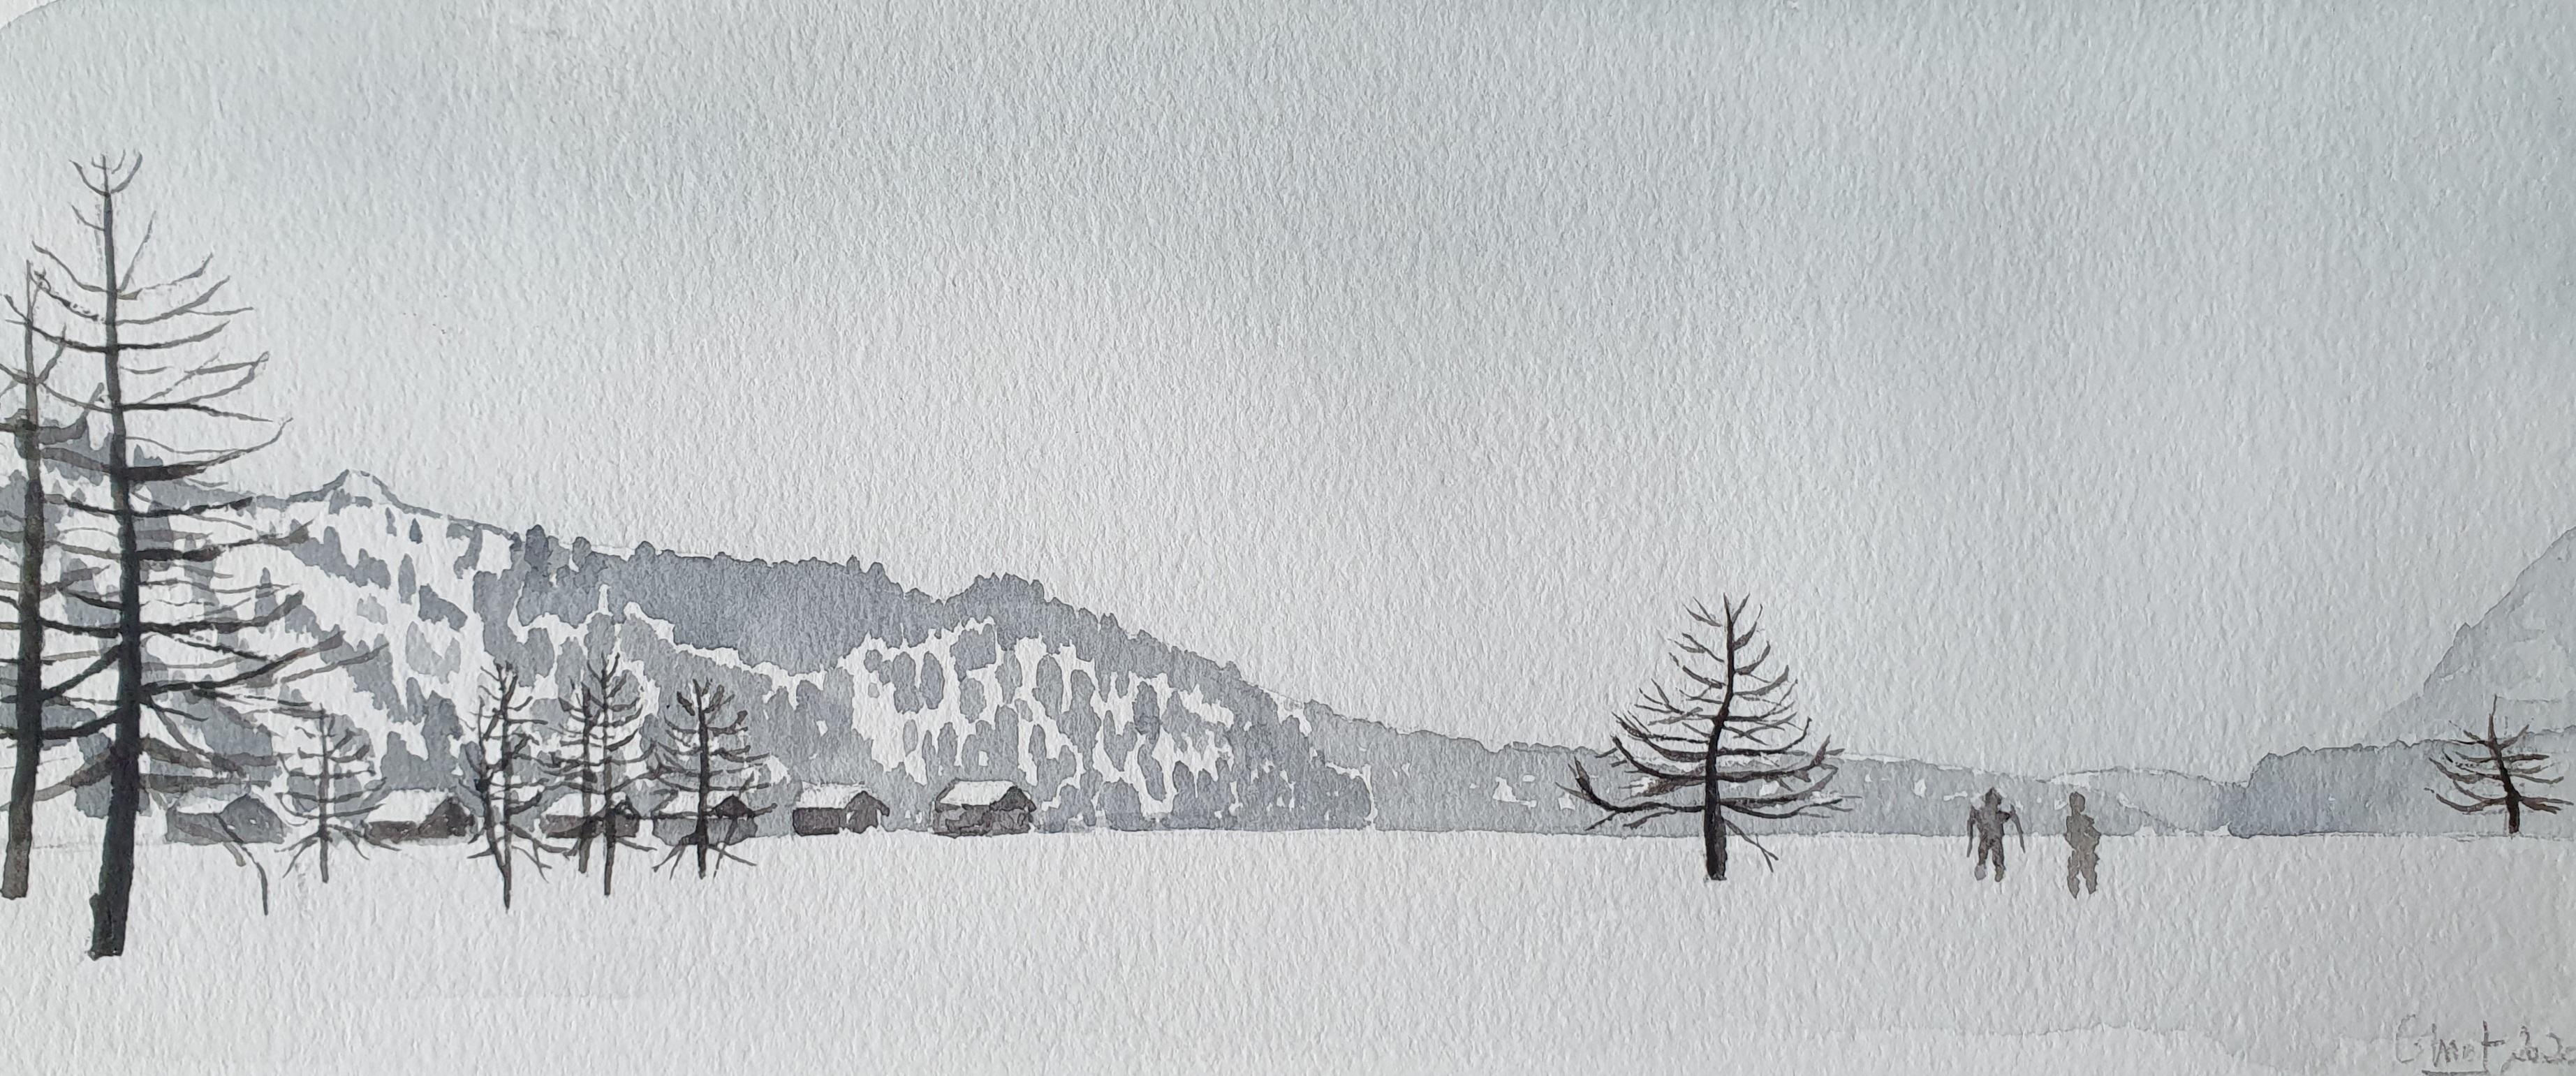 2020, Sils, Promenade sur le lac